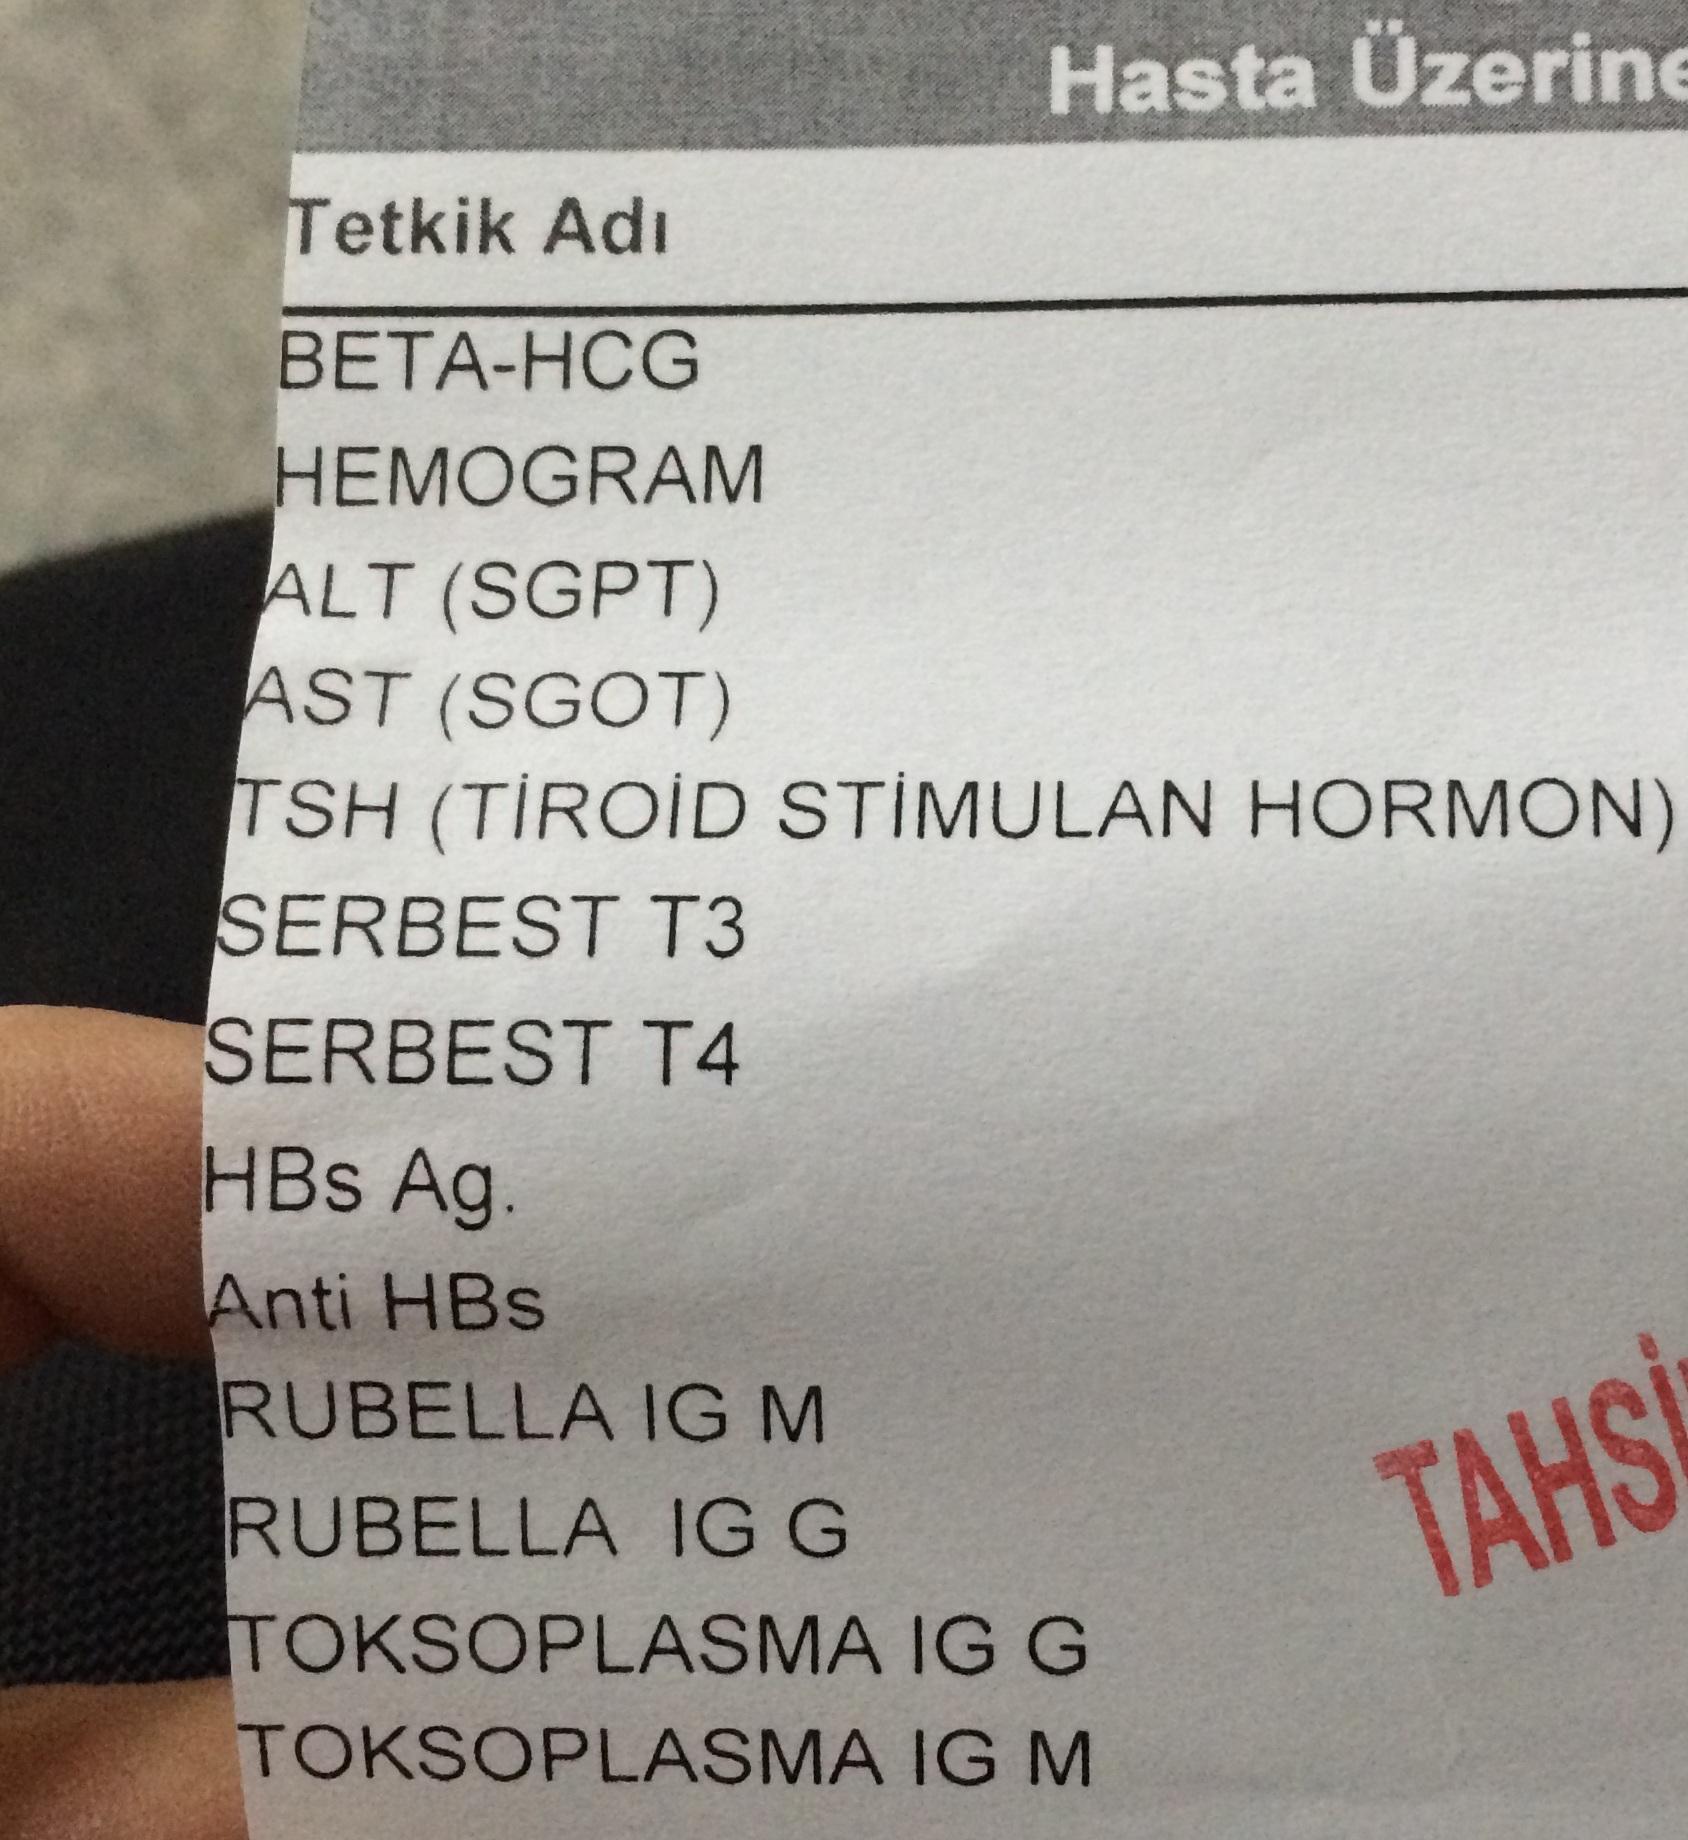 Hcg hormonu ve kanda gebelik (hamilelik) testi